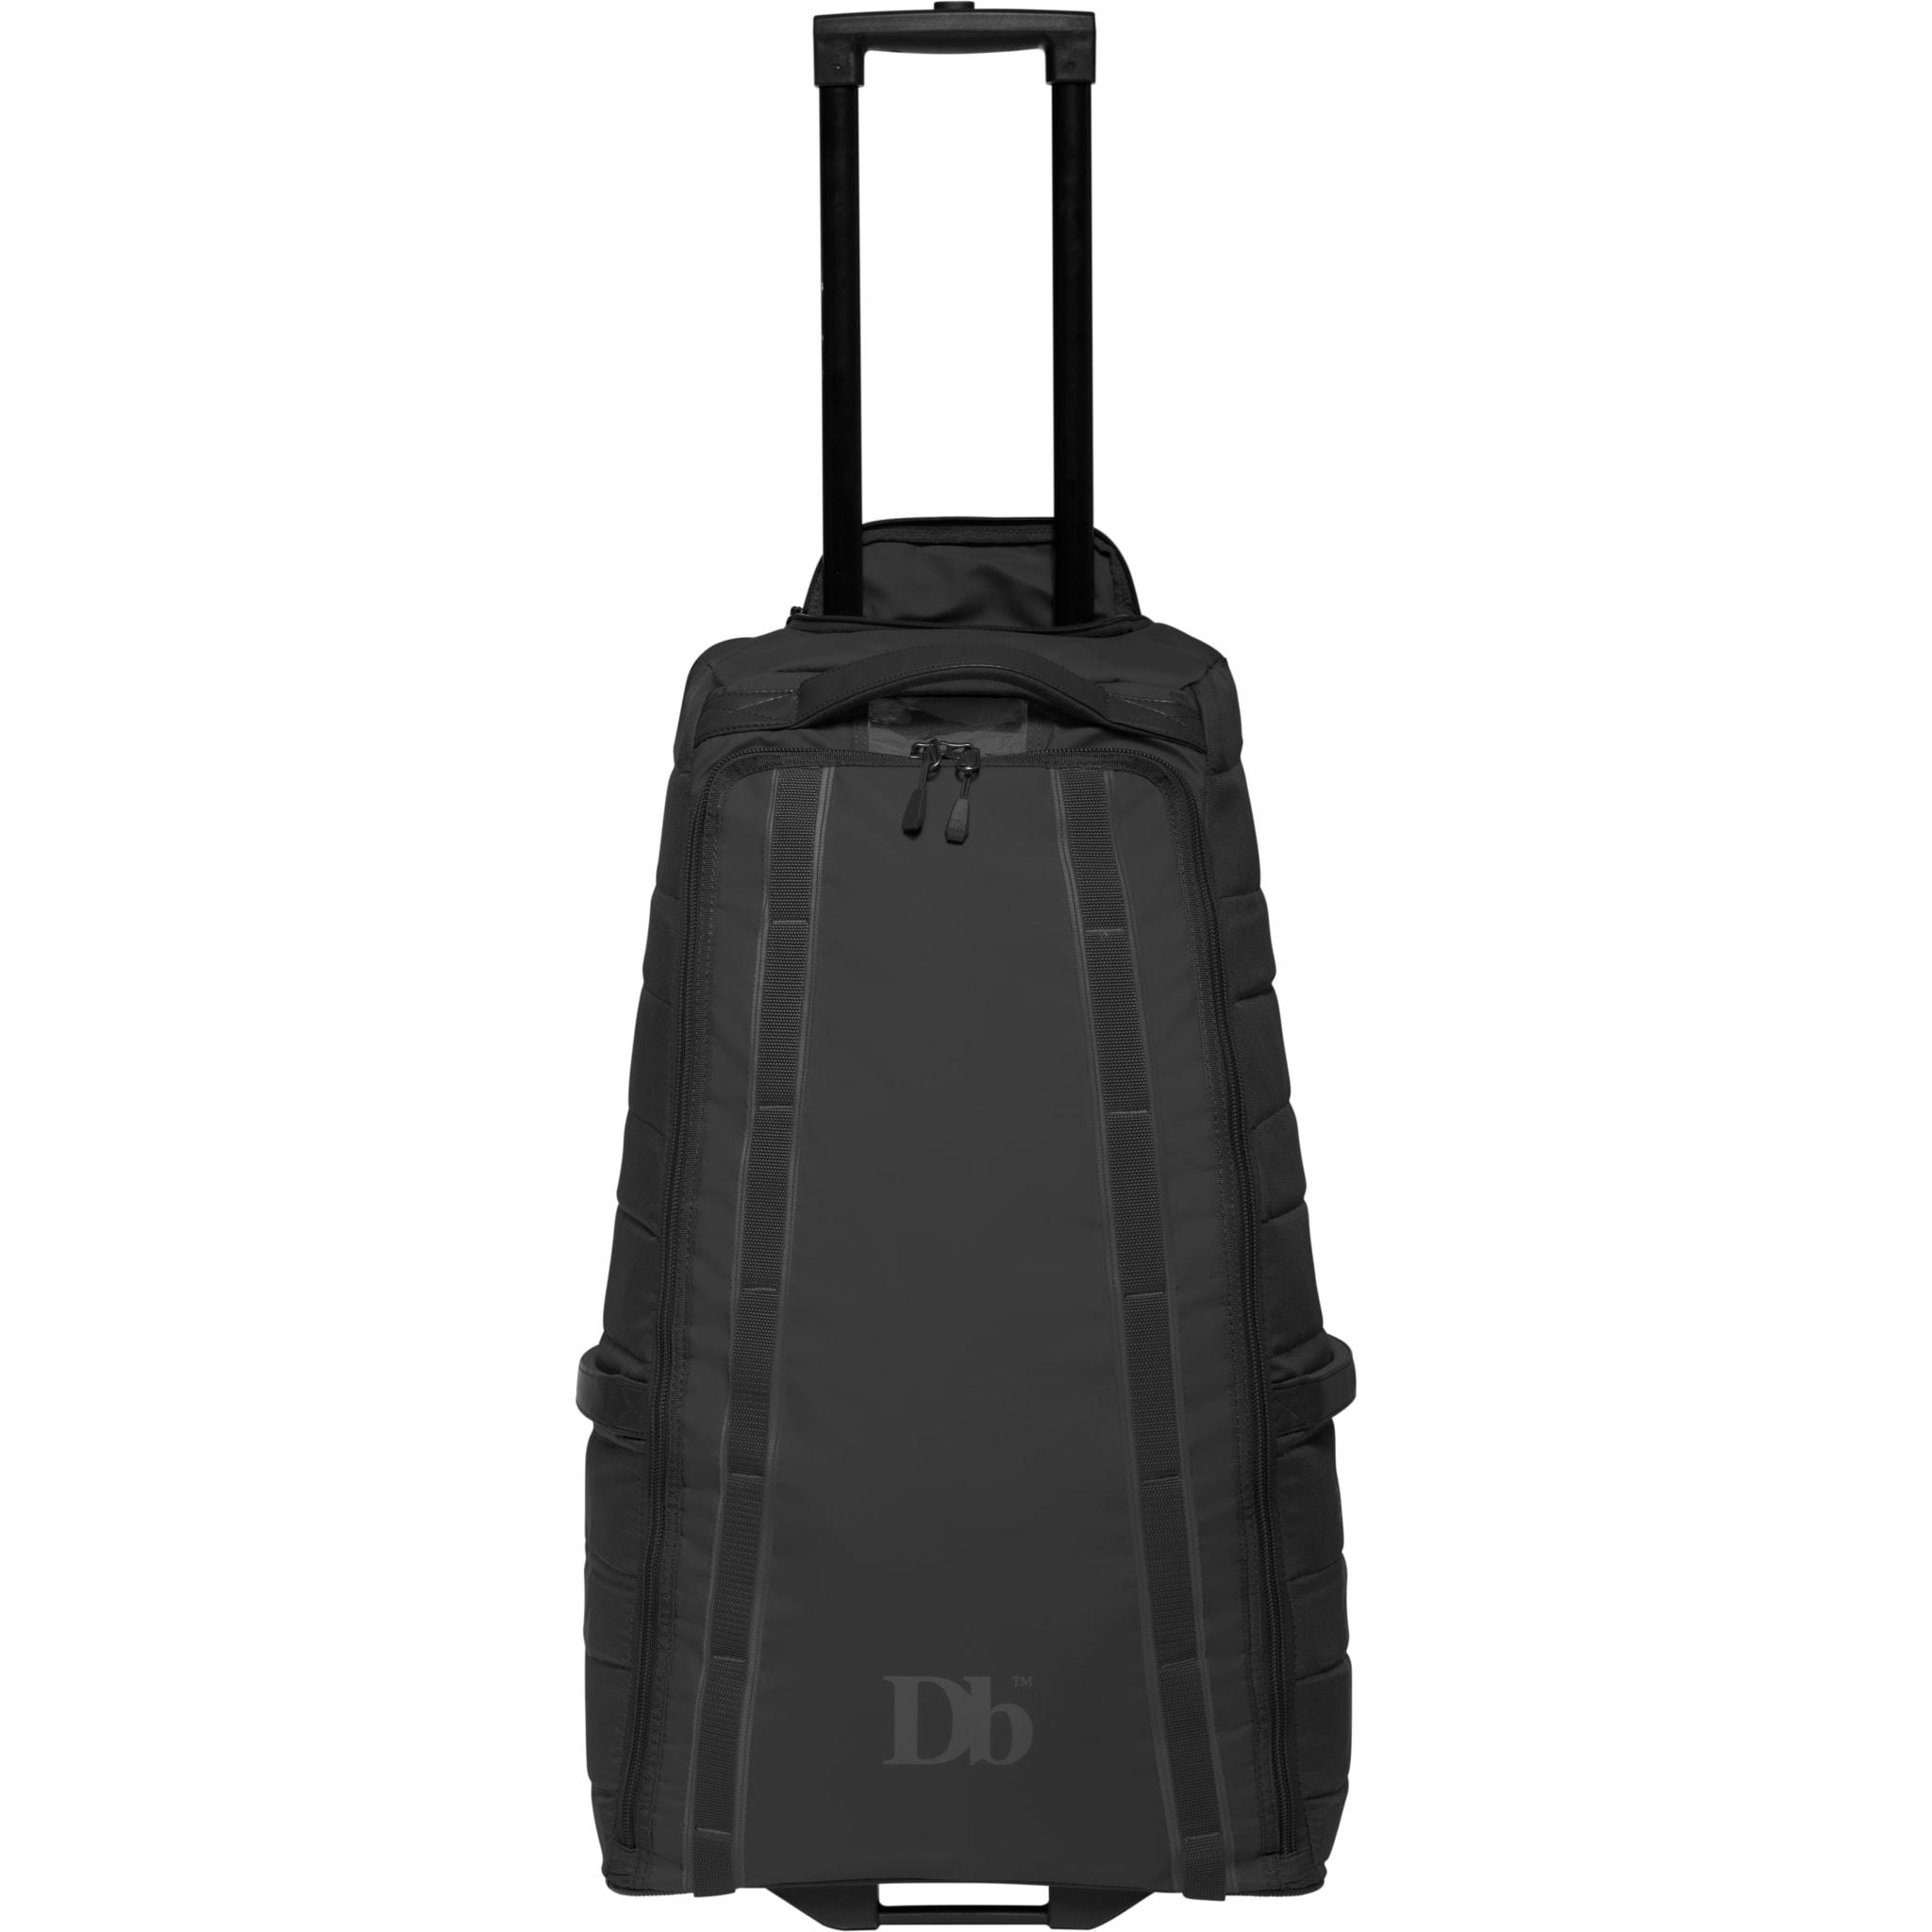 60-liters rullebag som gjør reisen enklere.